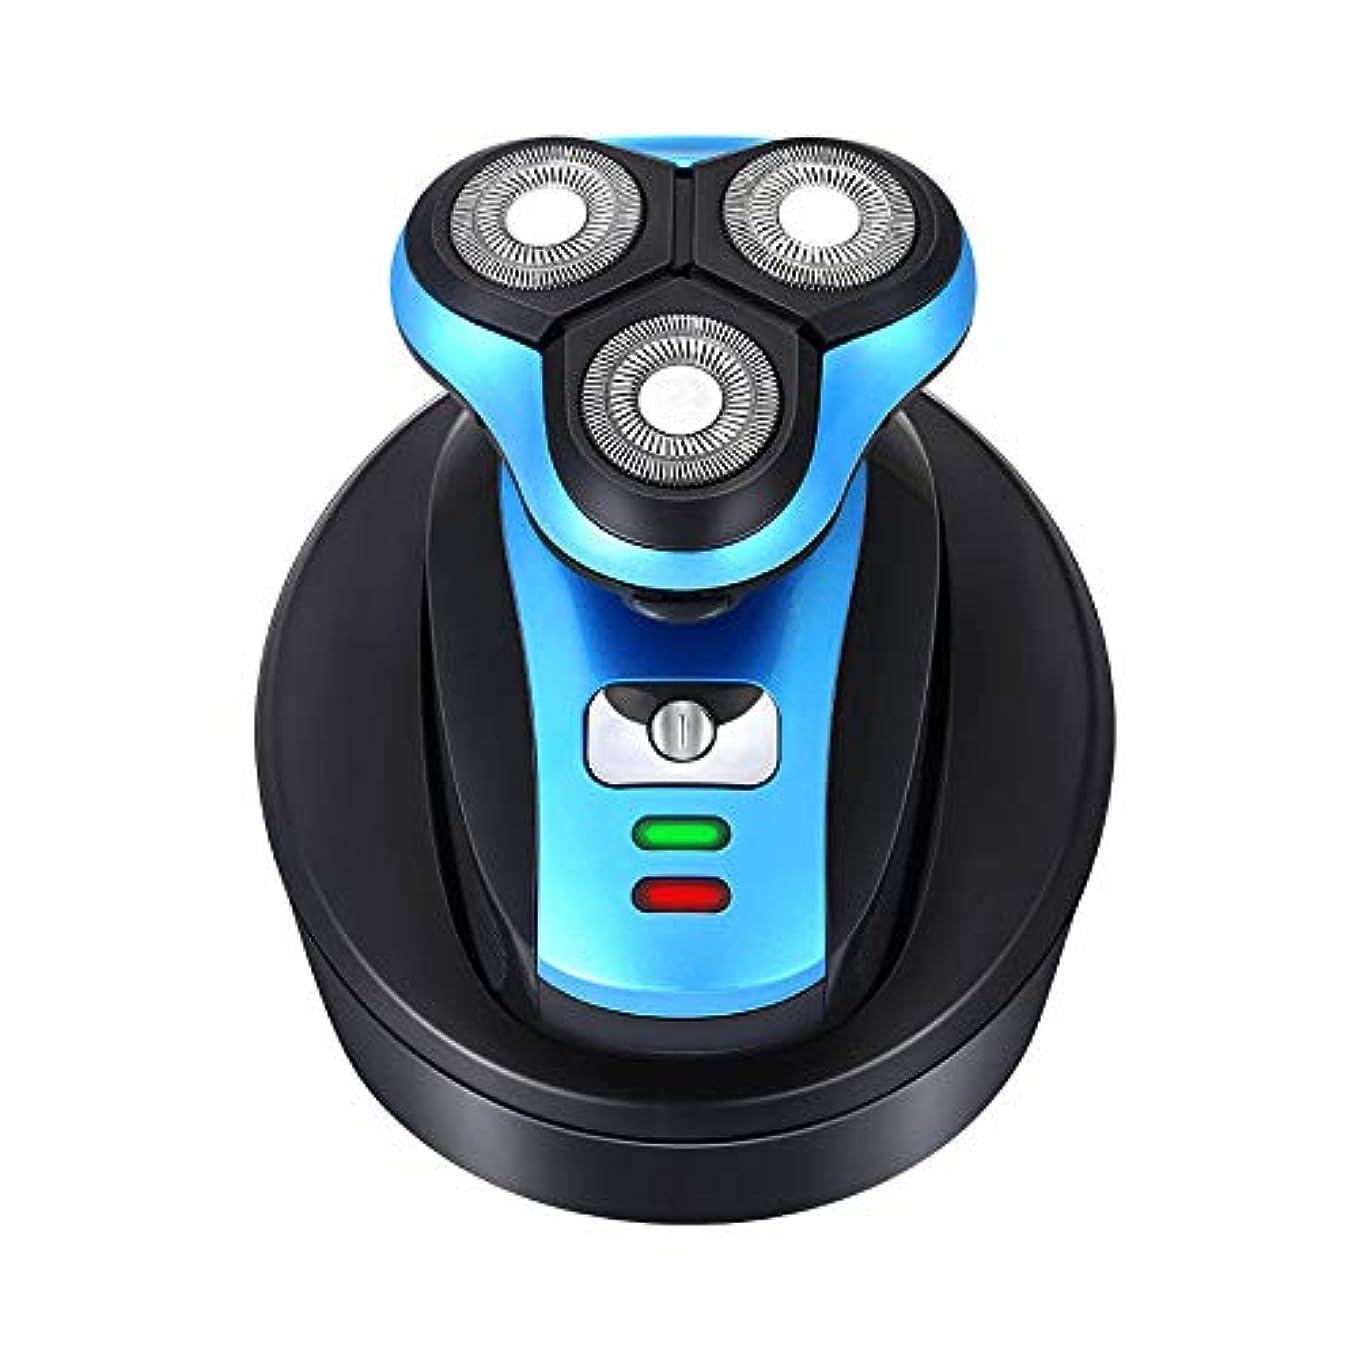 季節促進する3D回転およびフローティングヘッド、ウェット&ドライテクノロジーを備えた男性用電気シェーバーは、フェイシャルケア用の防水ヒゲトリマー